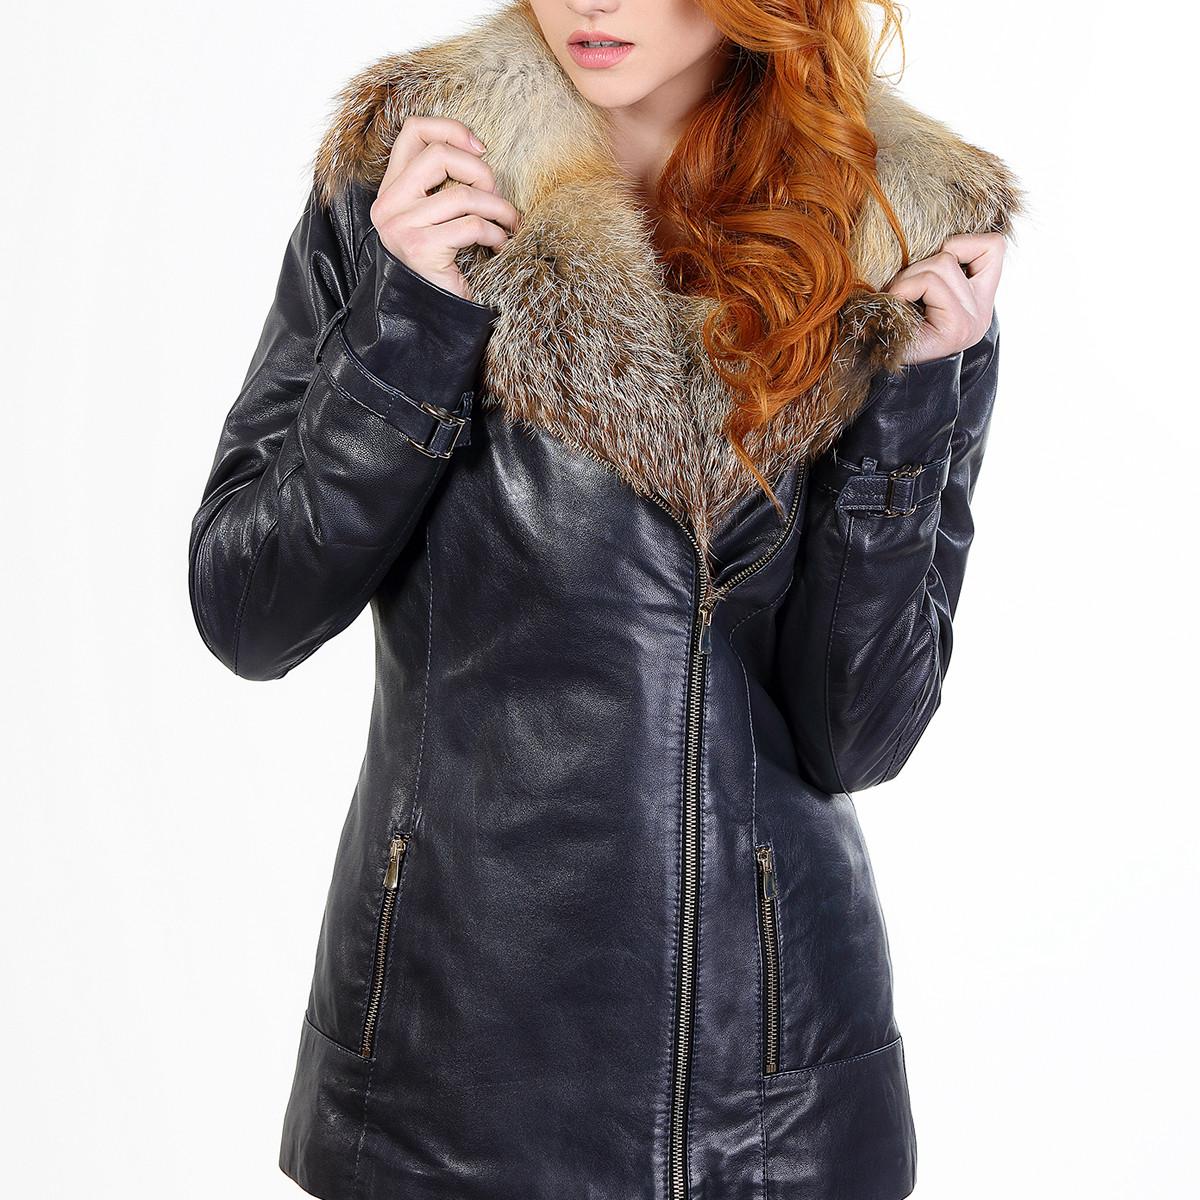 Кожаная куртка с лисой синяя женская 48 размера (Арт. CR282)